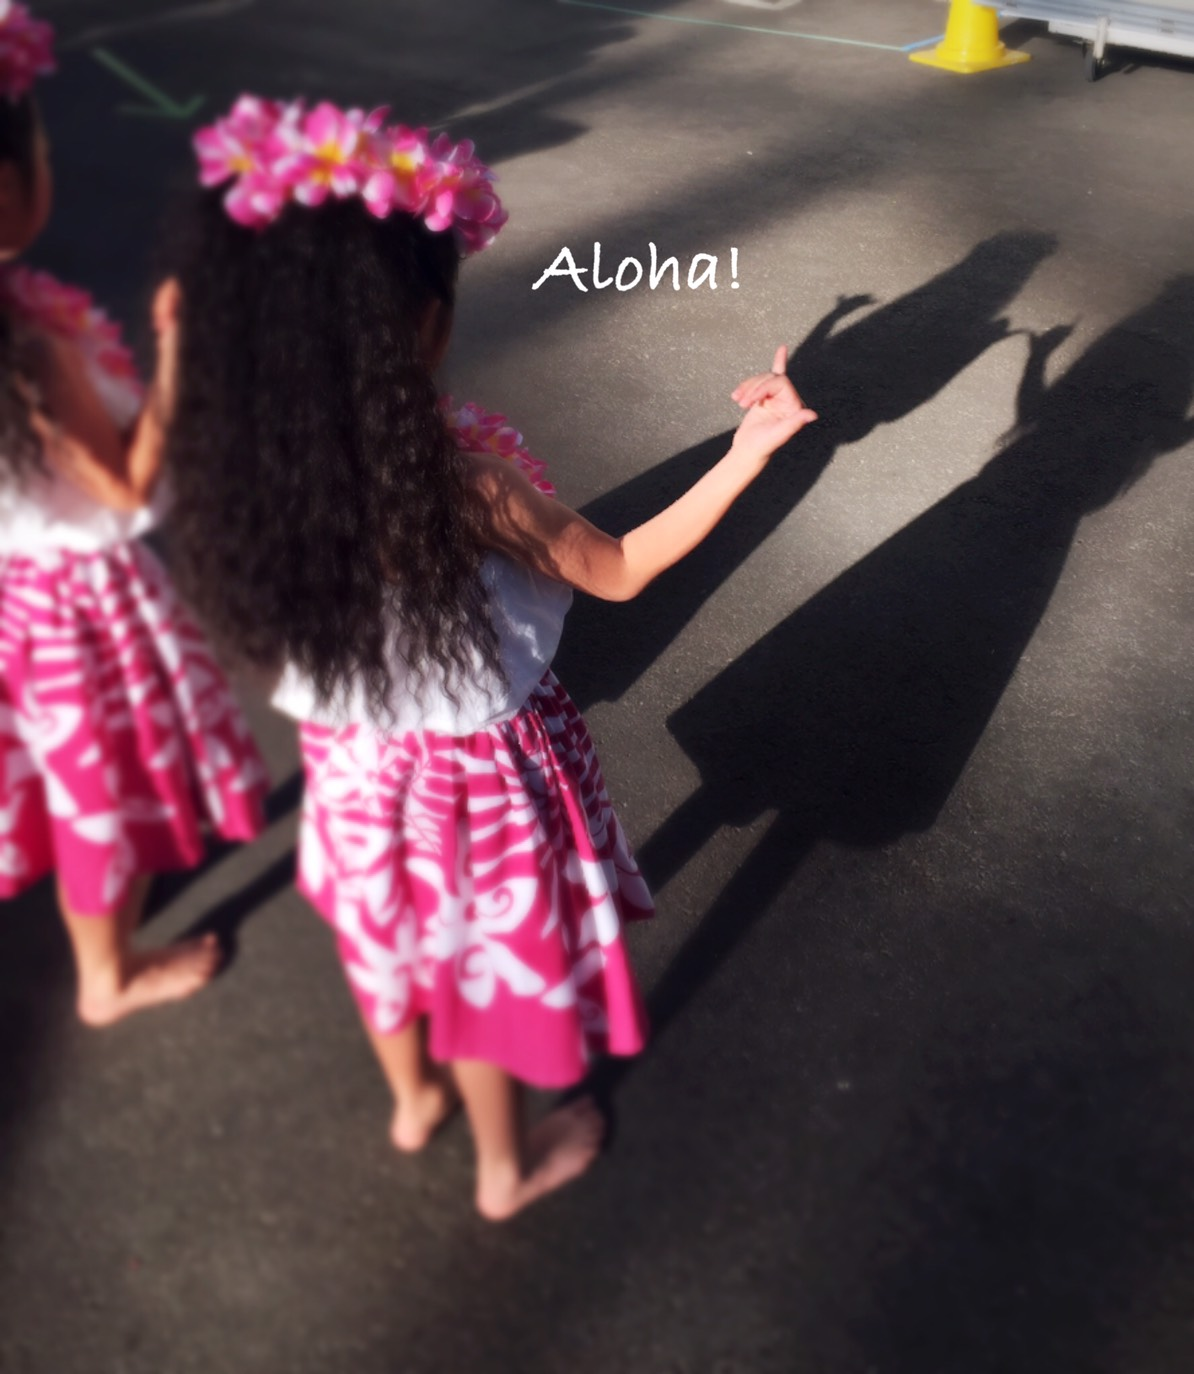 第1回Hawaiian WAI KULA Days 2017は盛況のうちにフィナレーを迎えました!